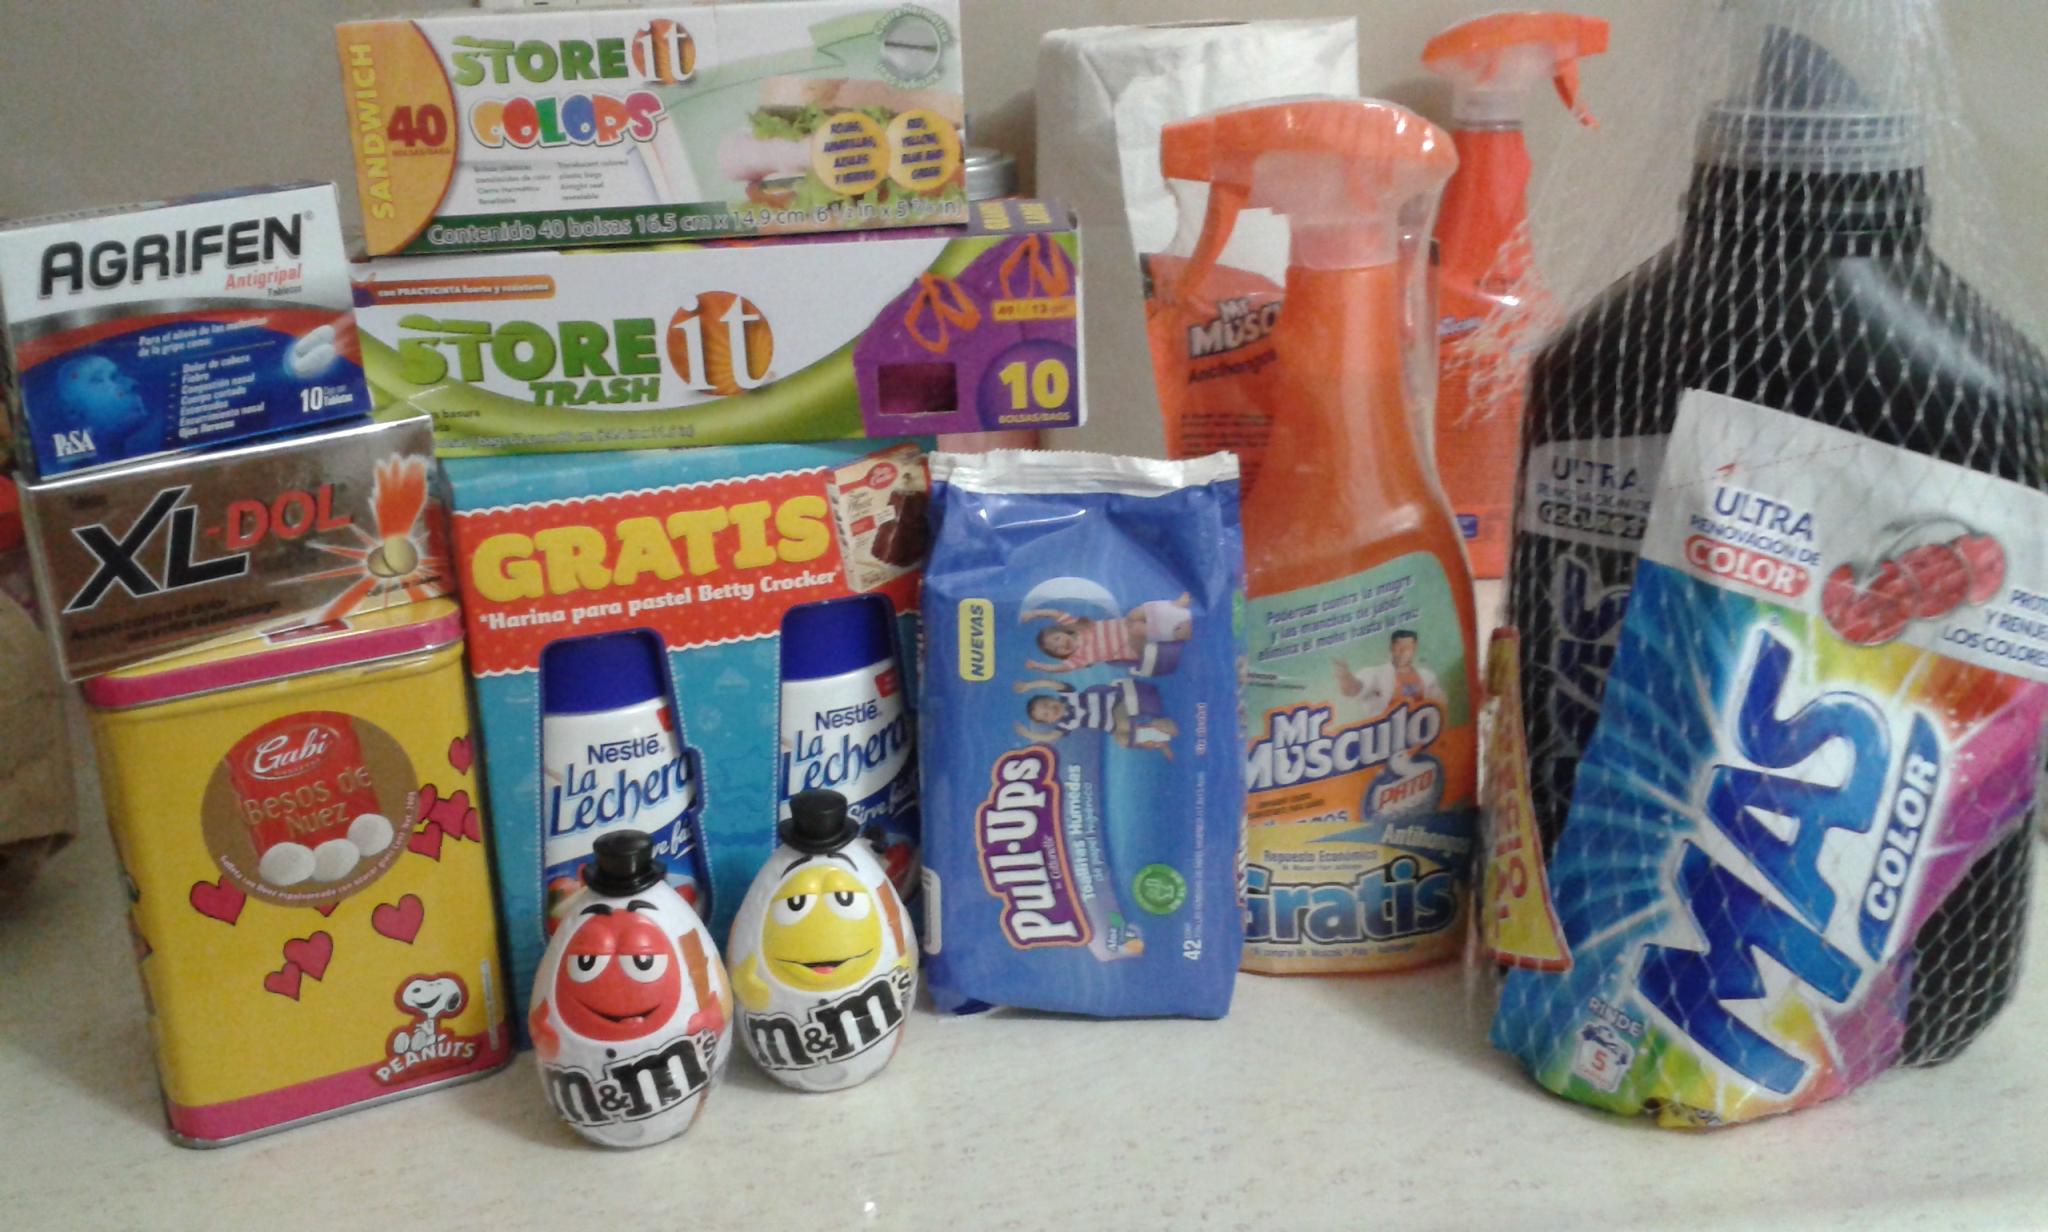 Chedraui: Bolsas Store It a 4.50, M&M's a 1.00 peso y mas articulos